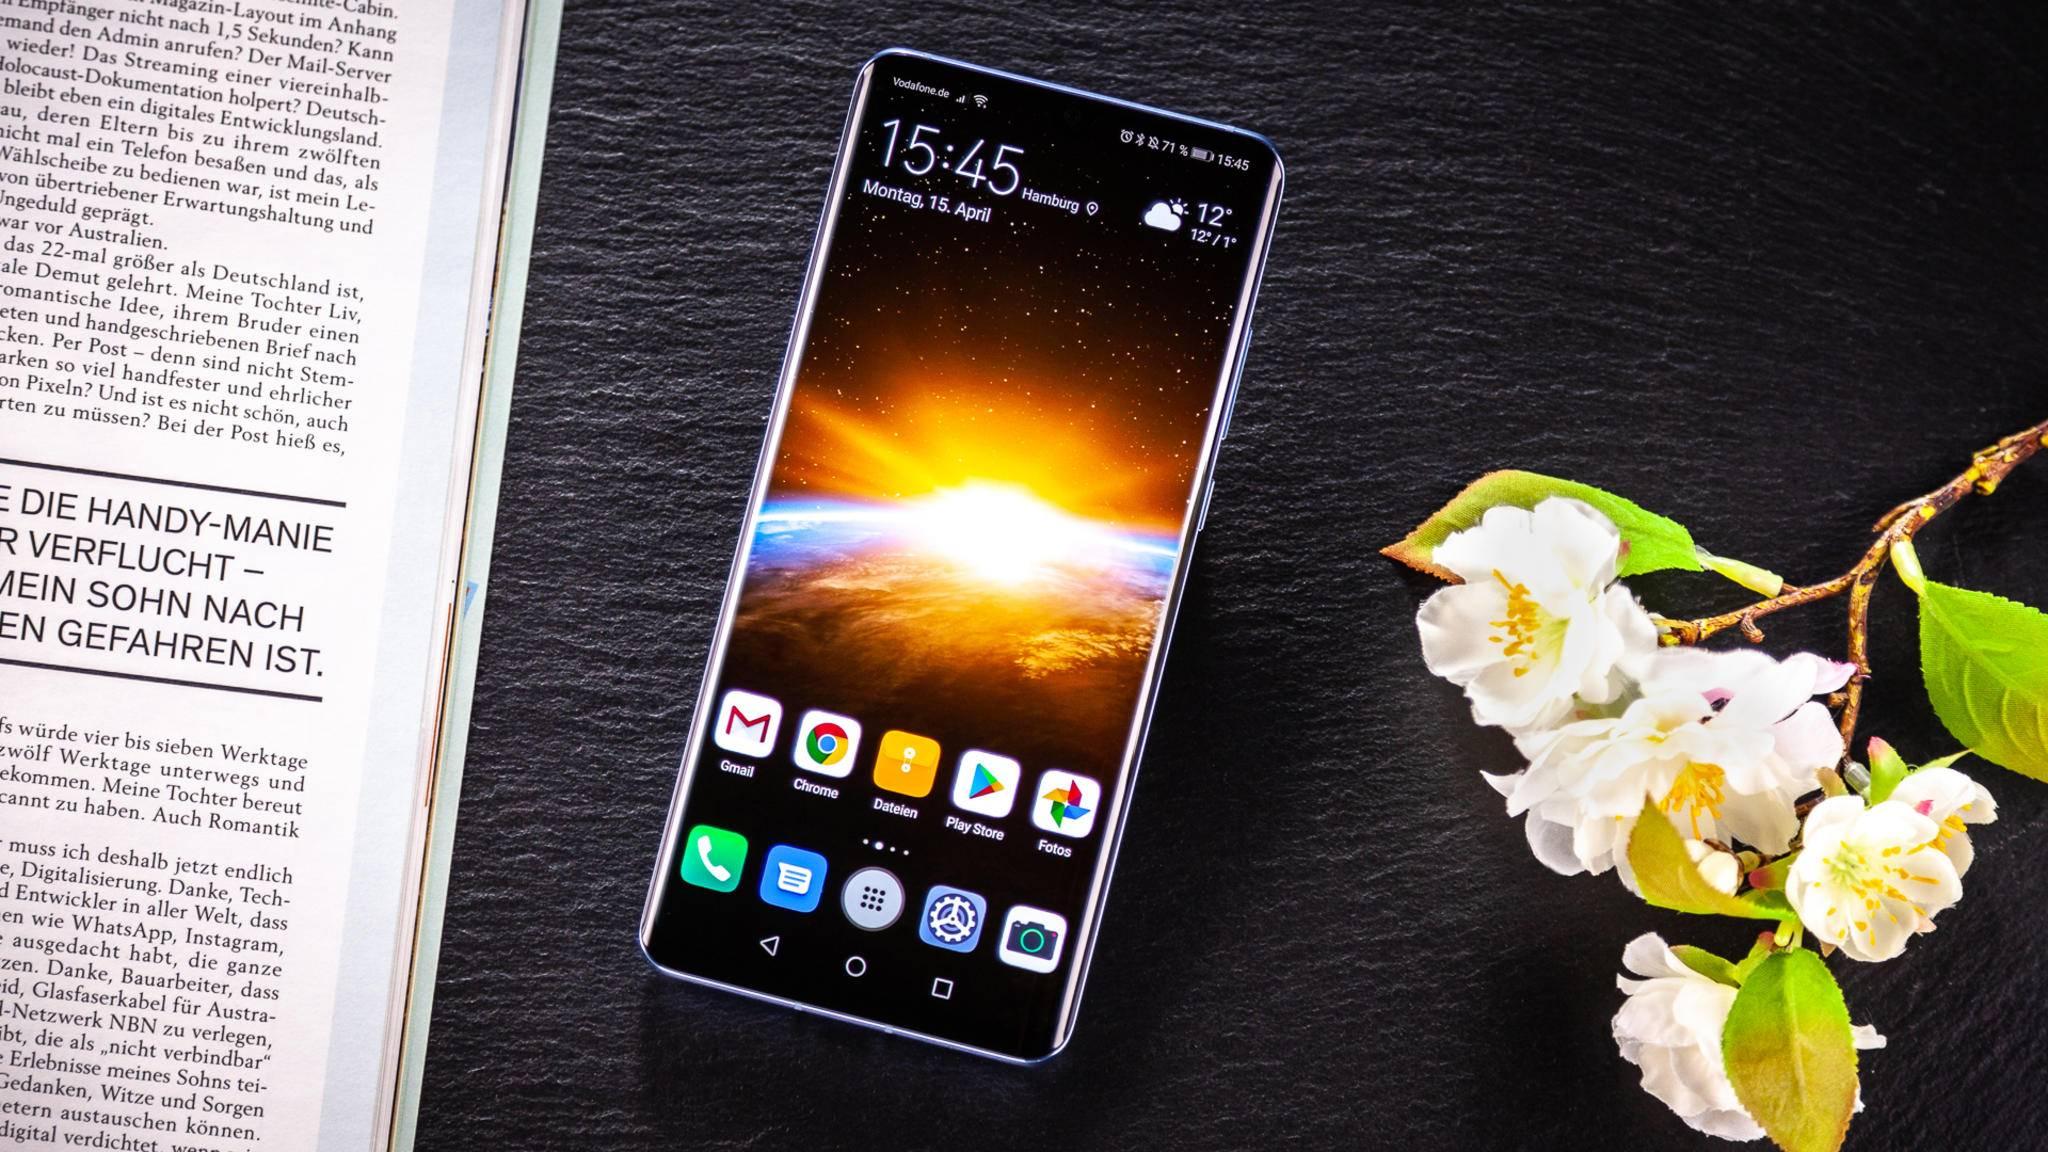 Schon erhältliche Huawei-Handys wie das P30 Pro bekommen weiterhin Sicherheits-Updates.